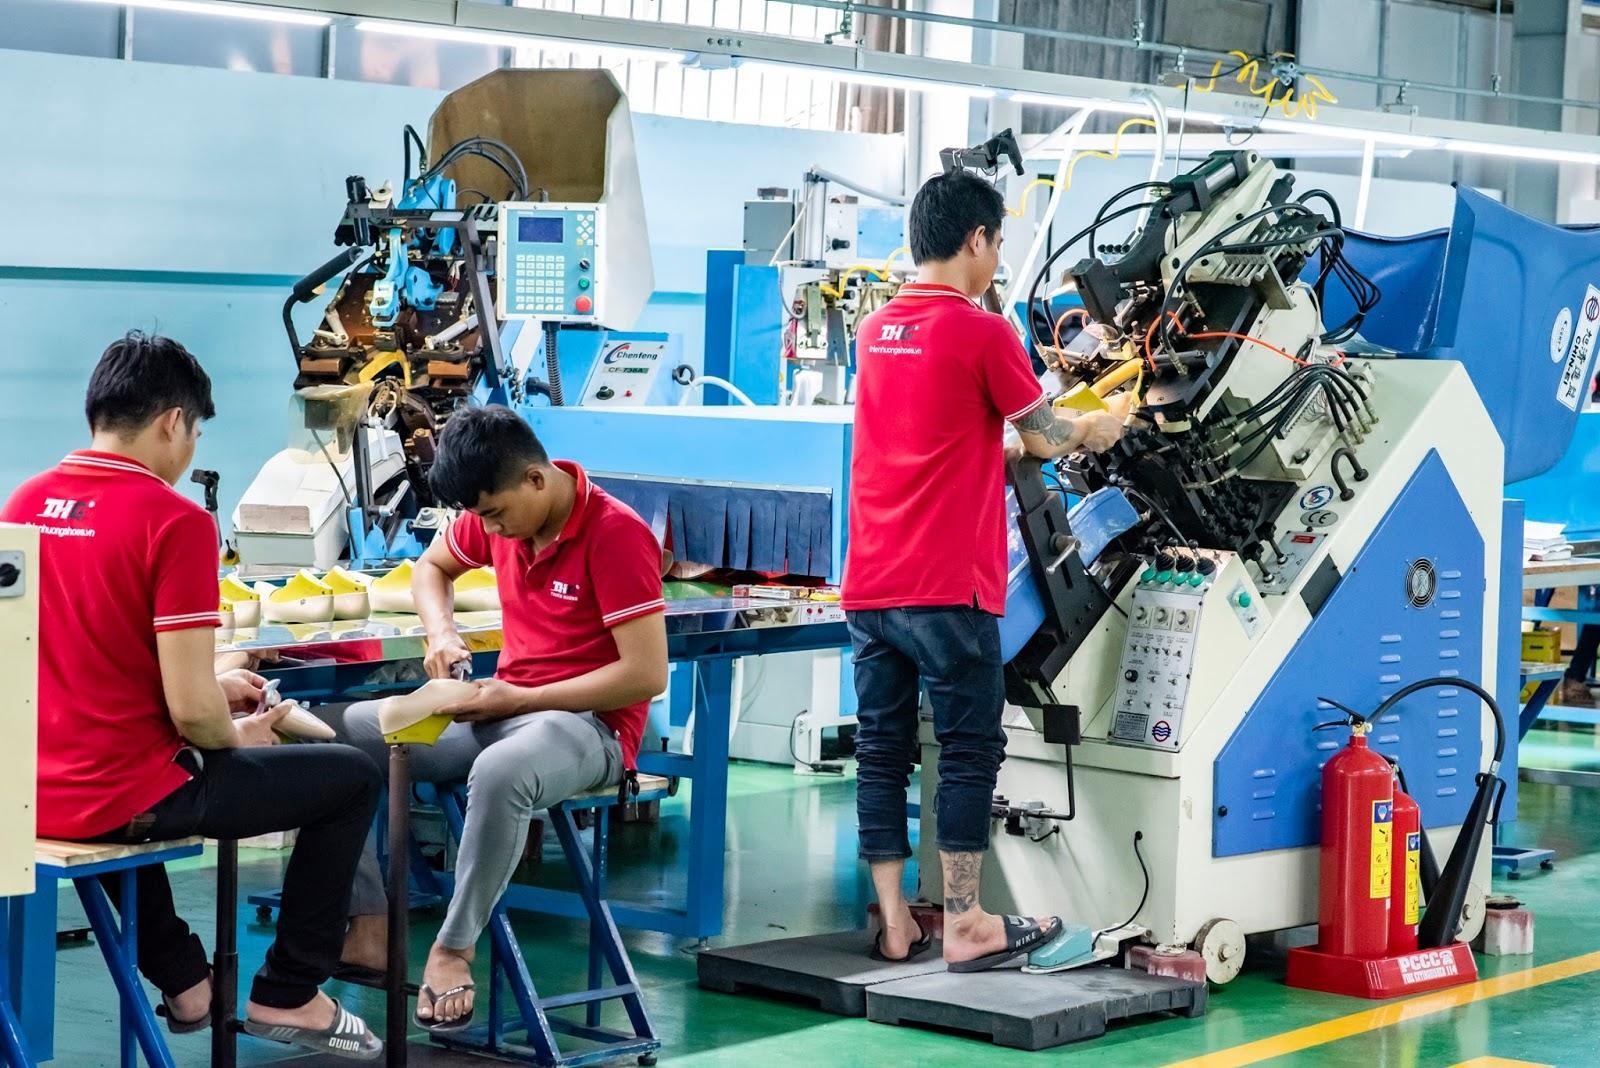 Thiên Hương - Dây chuyền sản xuất hiện đại, khép kín, luôn đổi mới